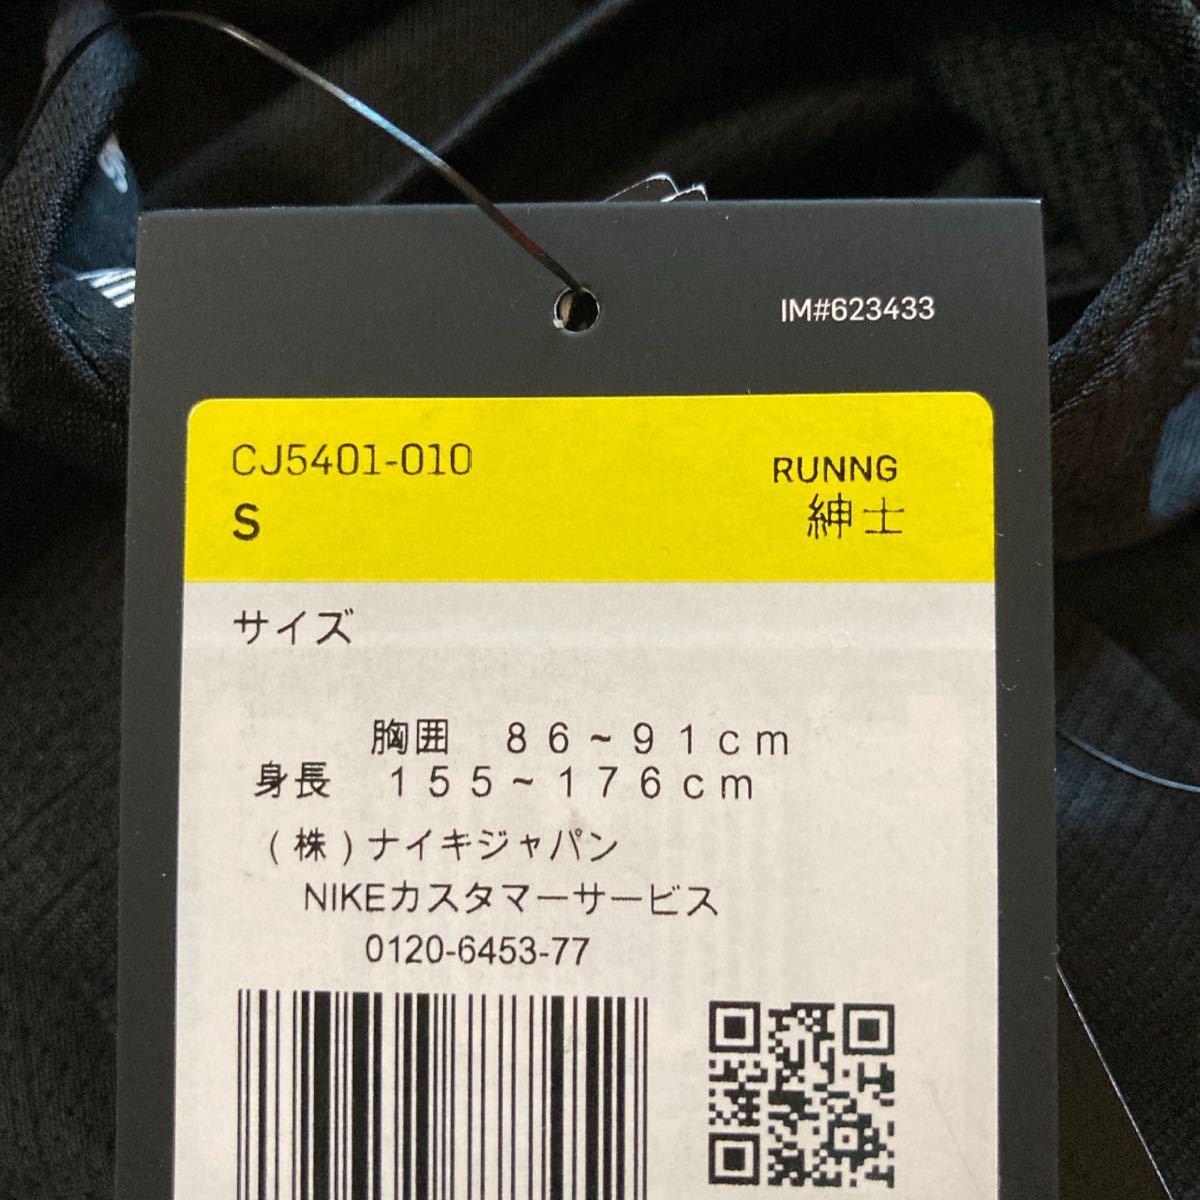 NIKE ランニングタンクトップ メンズ Sブラック 新品未使用